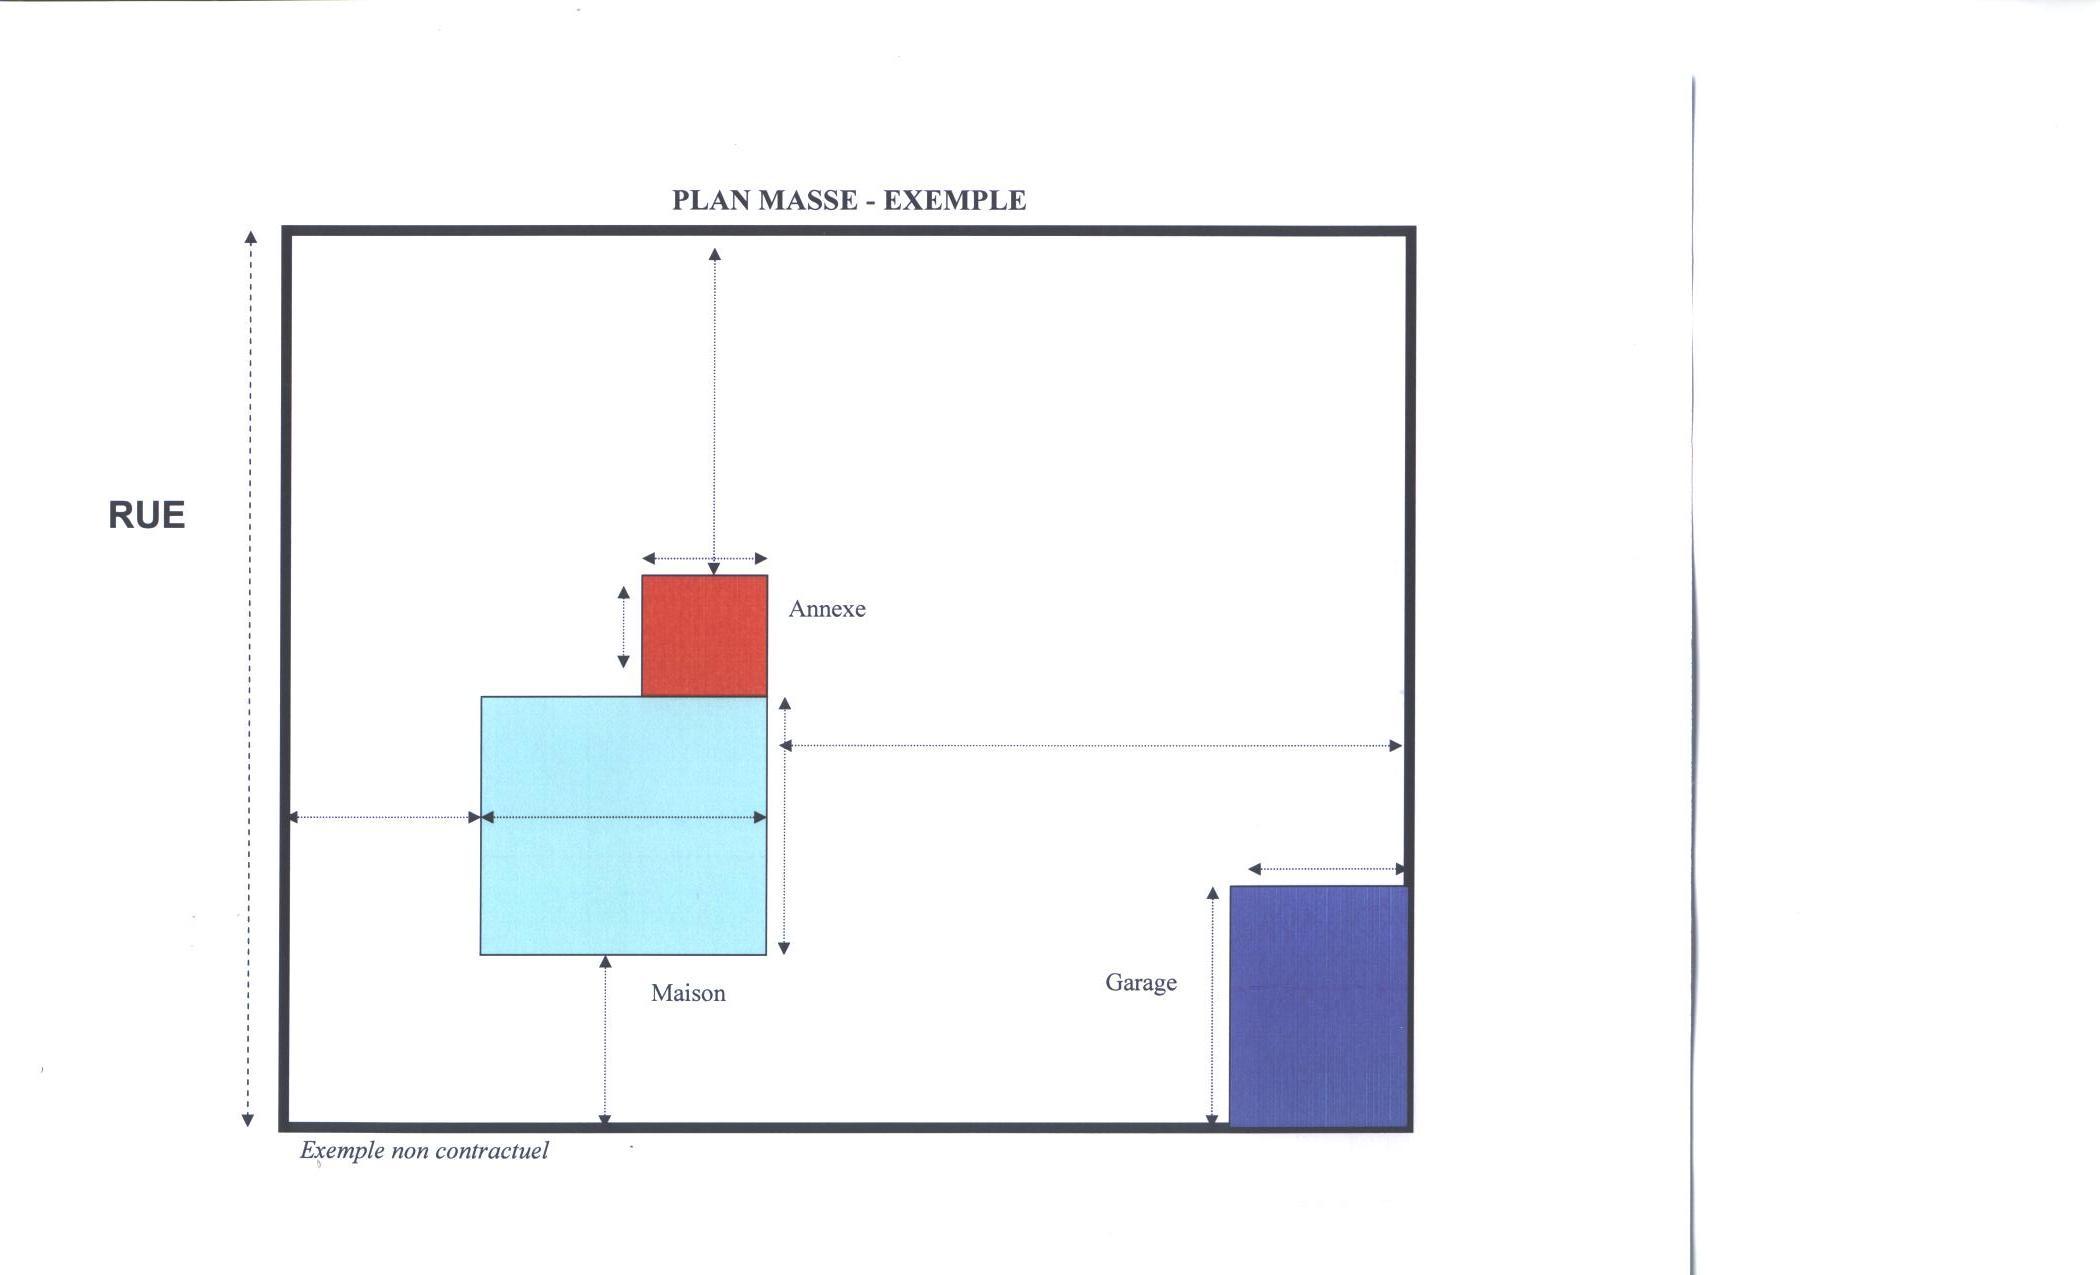 Le plan masse des constructions cliquez ici pour un exemple - Un plan en coupe du terrain et de la construction ...